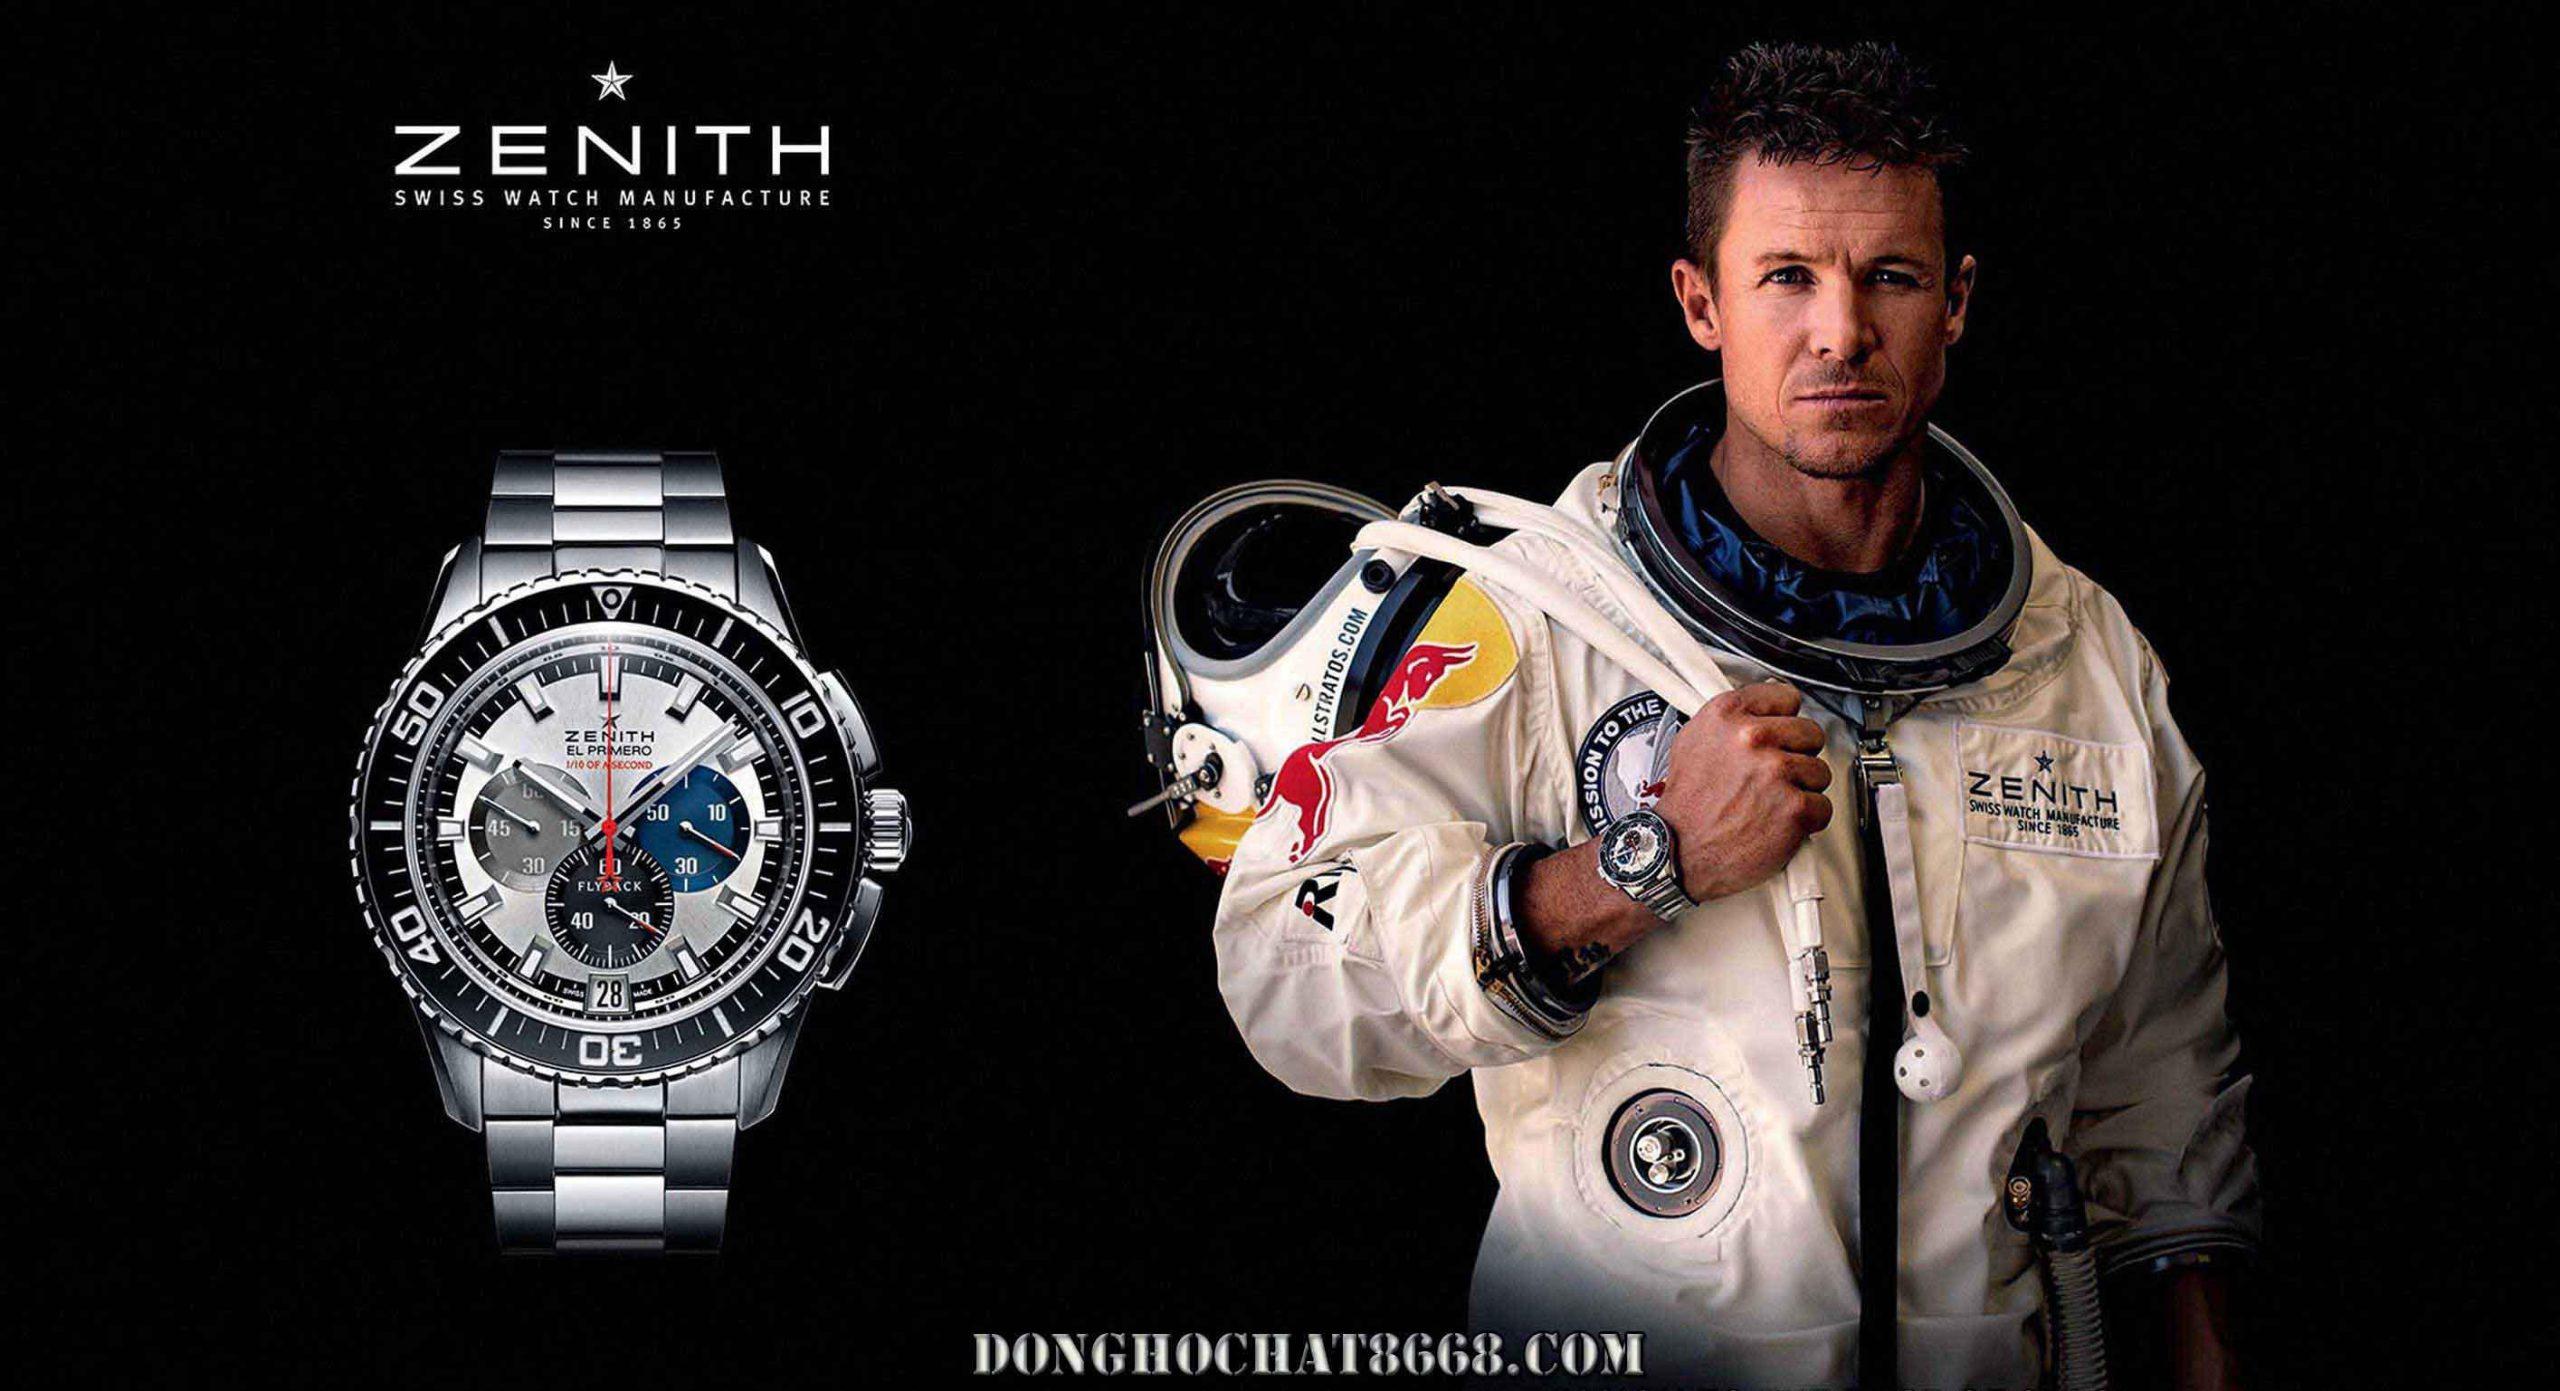 Zenith thương hiệu đầu tiên trên thế giới xuất hiện trên tay của vận động viên nhảy dù Felix Baumgartner trên không gian vũ trụ xuống mặt đất.